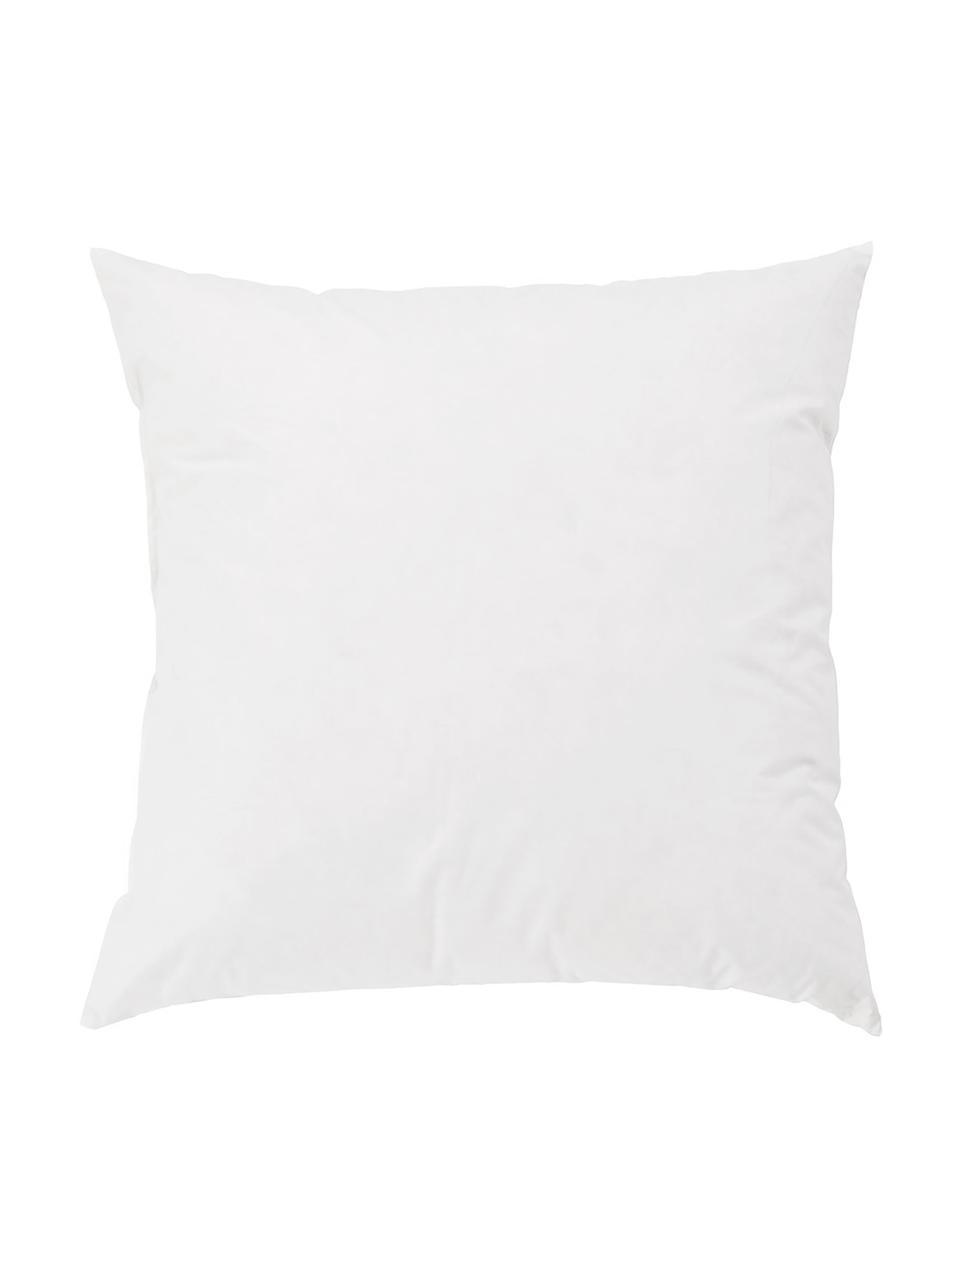 Imbottitura per cuscino in piume Comfort, 50 x 50, Rivestimento: twill fine, 100% cotone s, Bianco, Larg. 50 x Lung. 50 cm